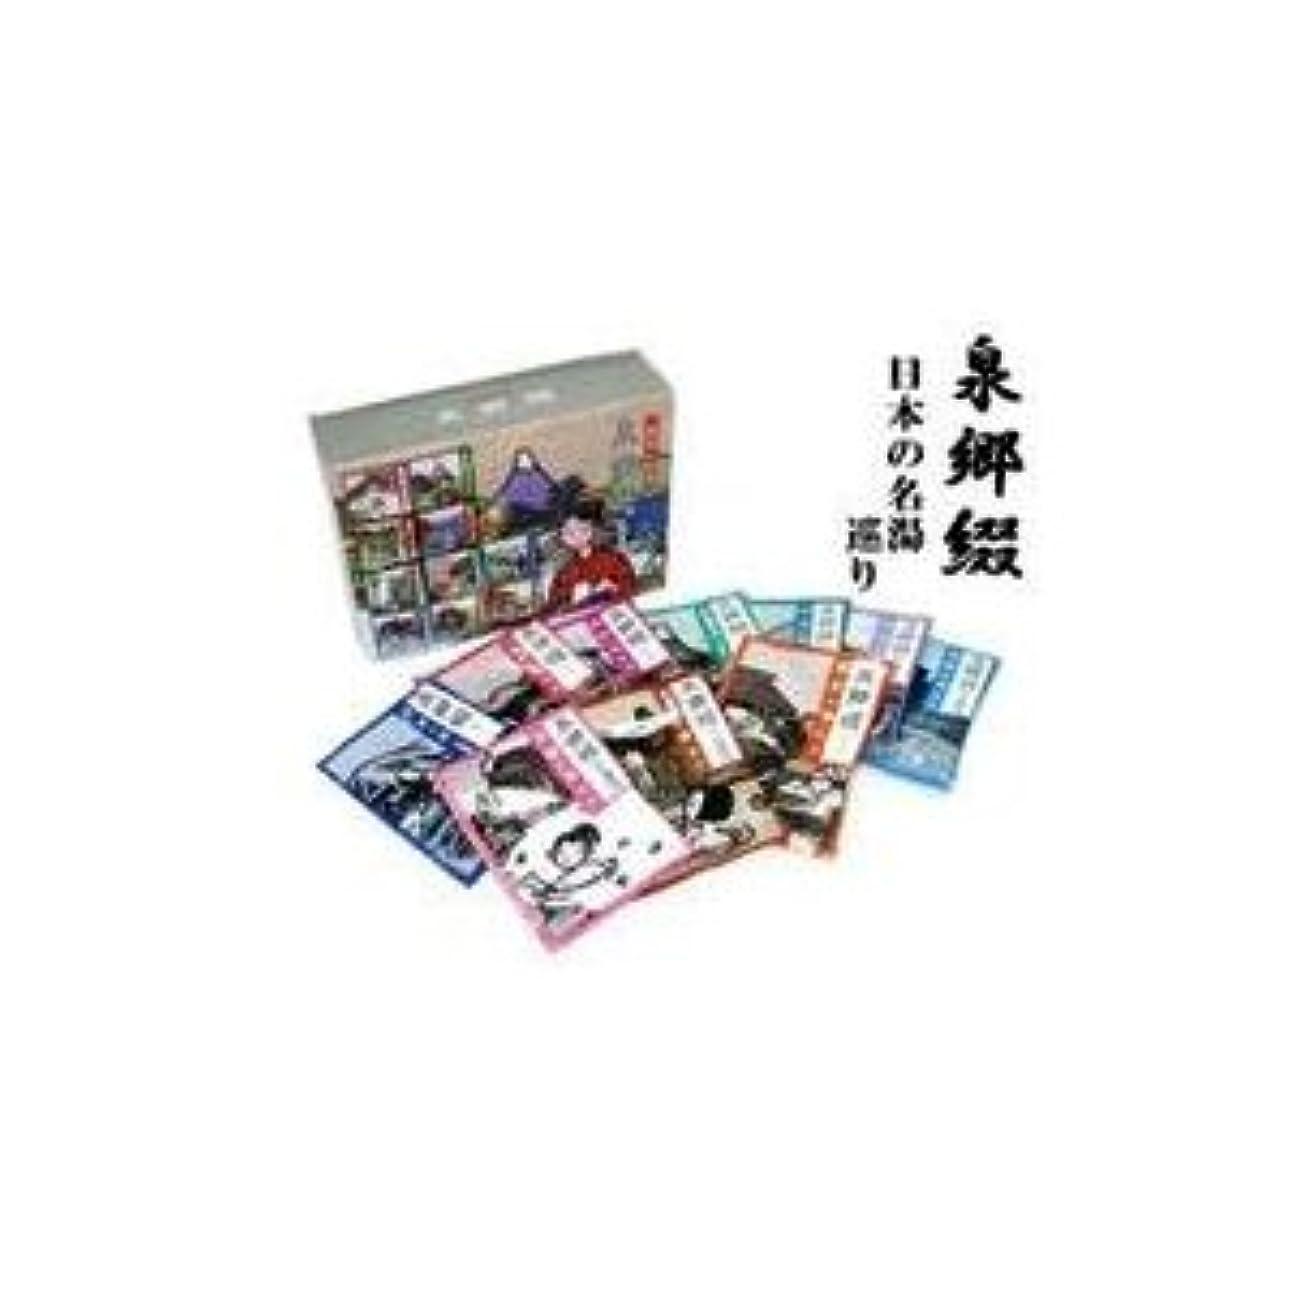 プレビュー不明瞭入浴剤 泉郷綴<日本の名湯巡り>(10包入り)日本を代表する温泉10ヶ所の入浴剤(10セット)